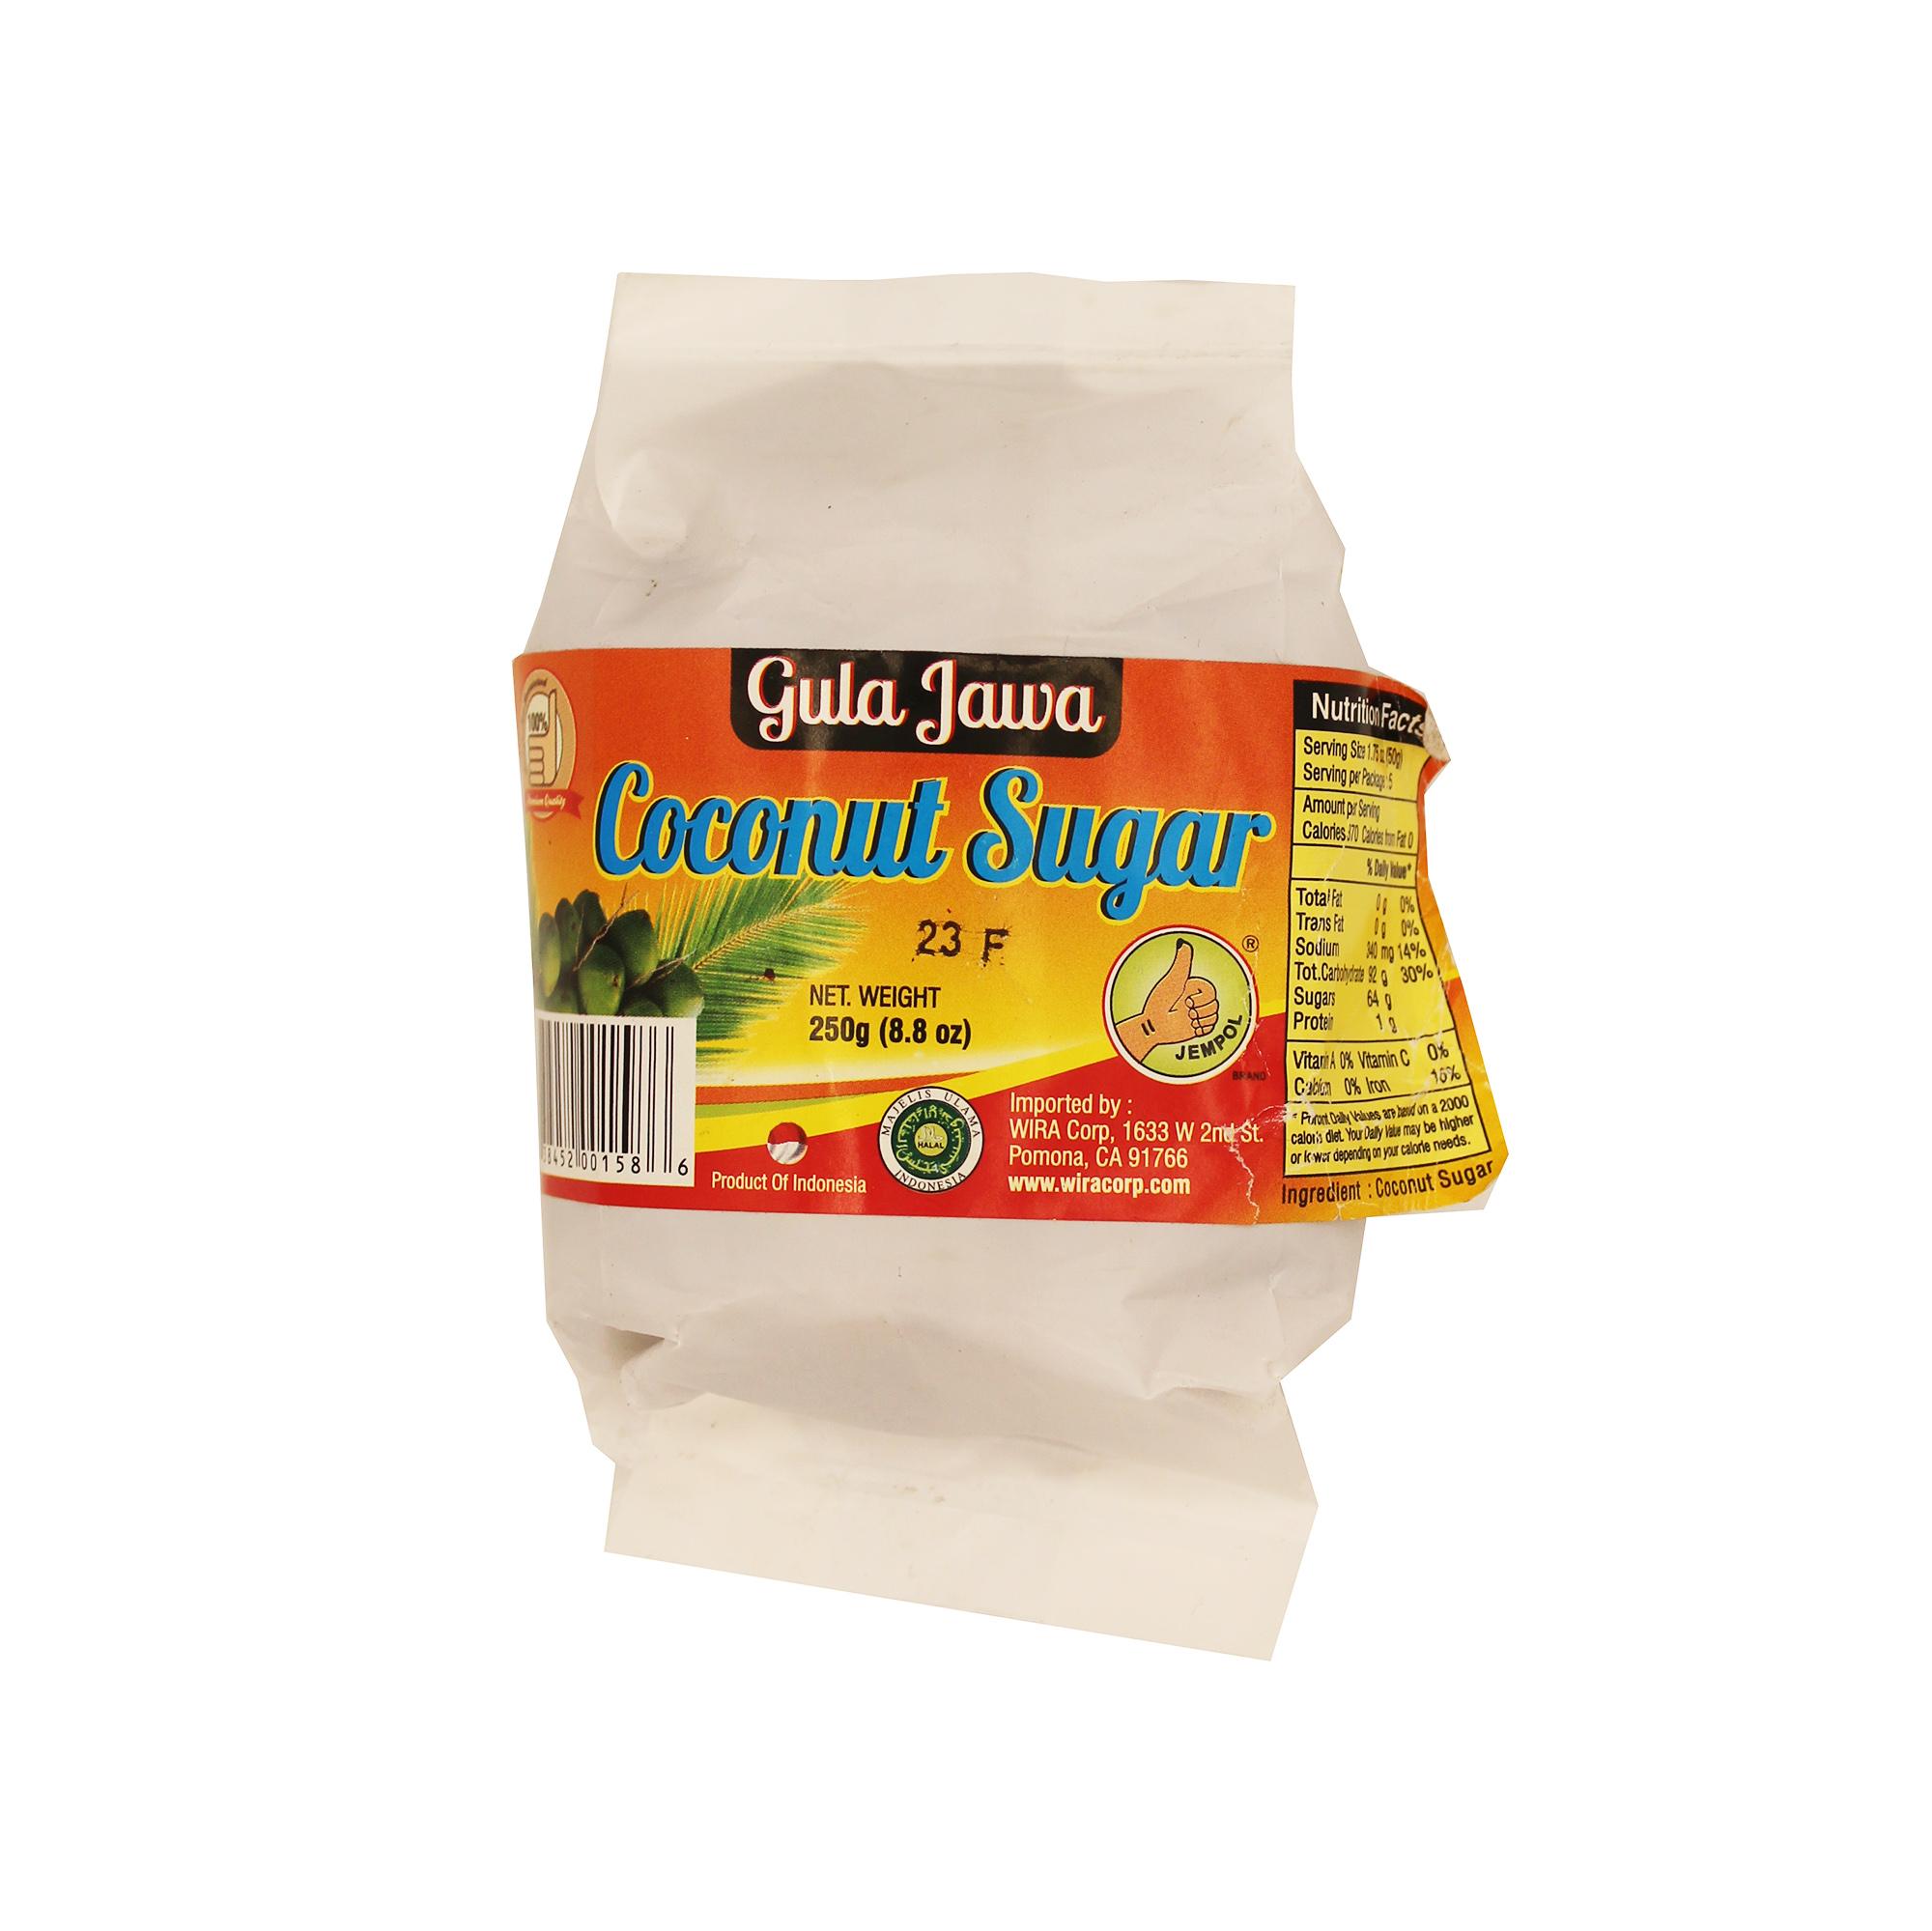 GULA JAWA Coconut Sugar 8 OZ